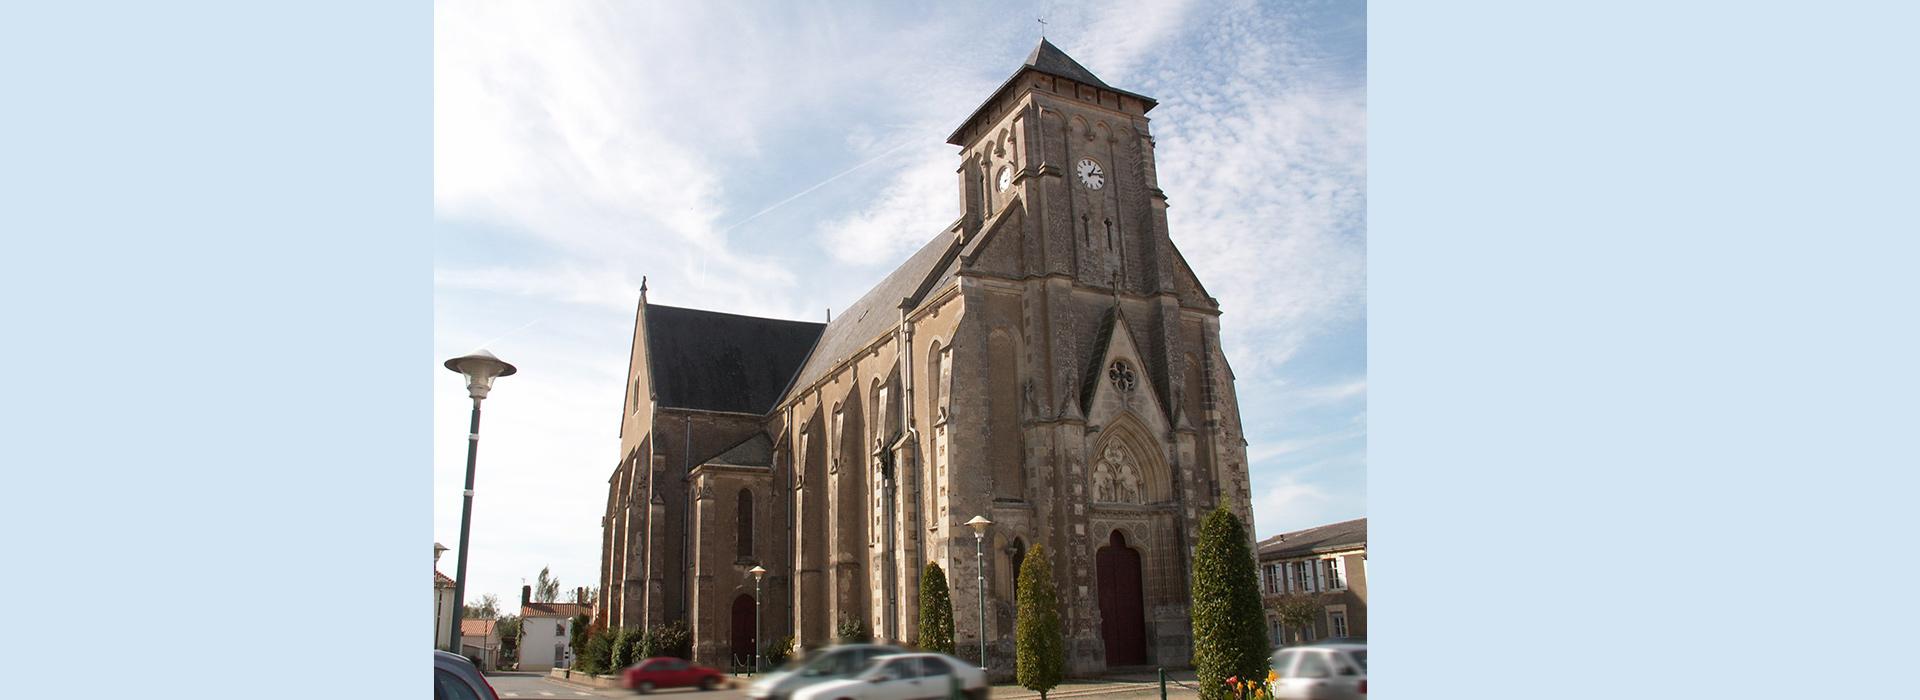 Paroisse Machecoul Eglise Paulx 44